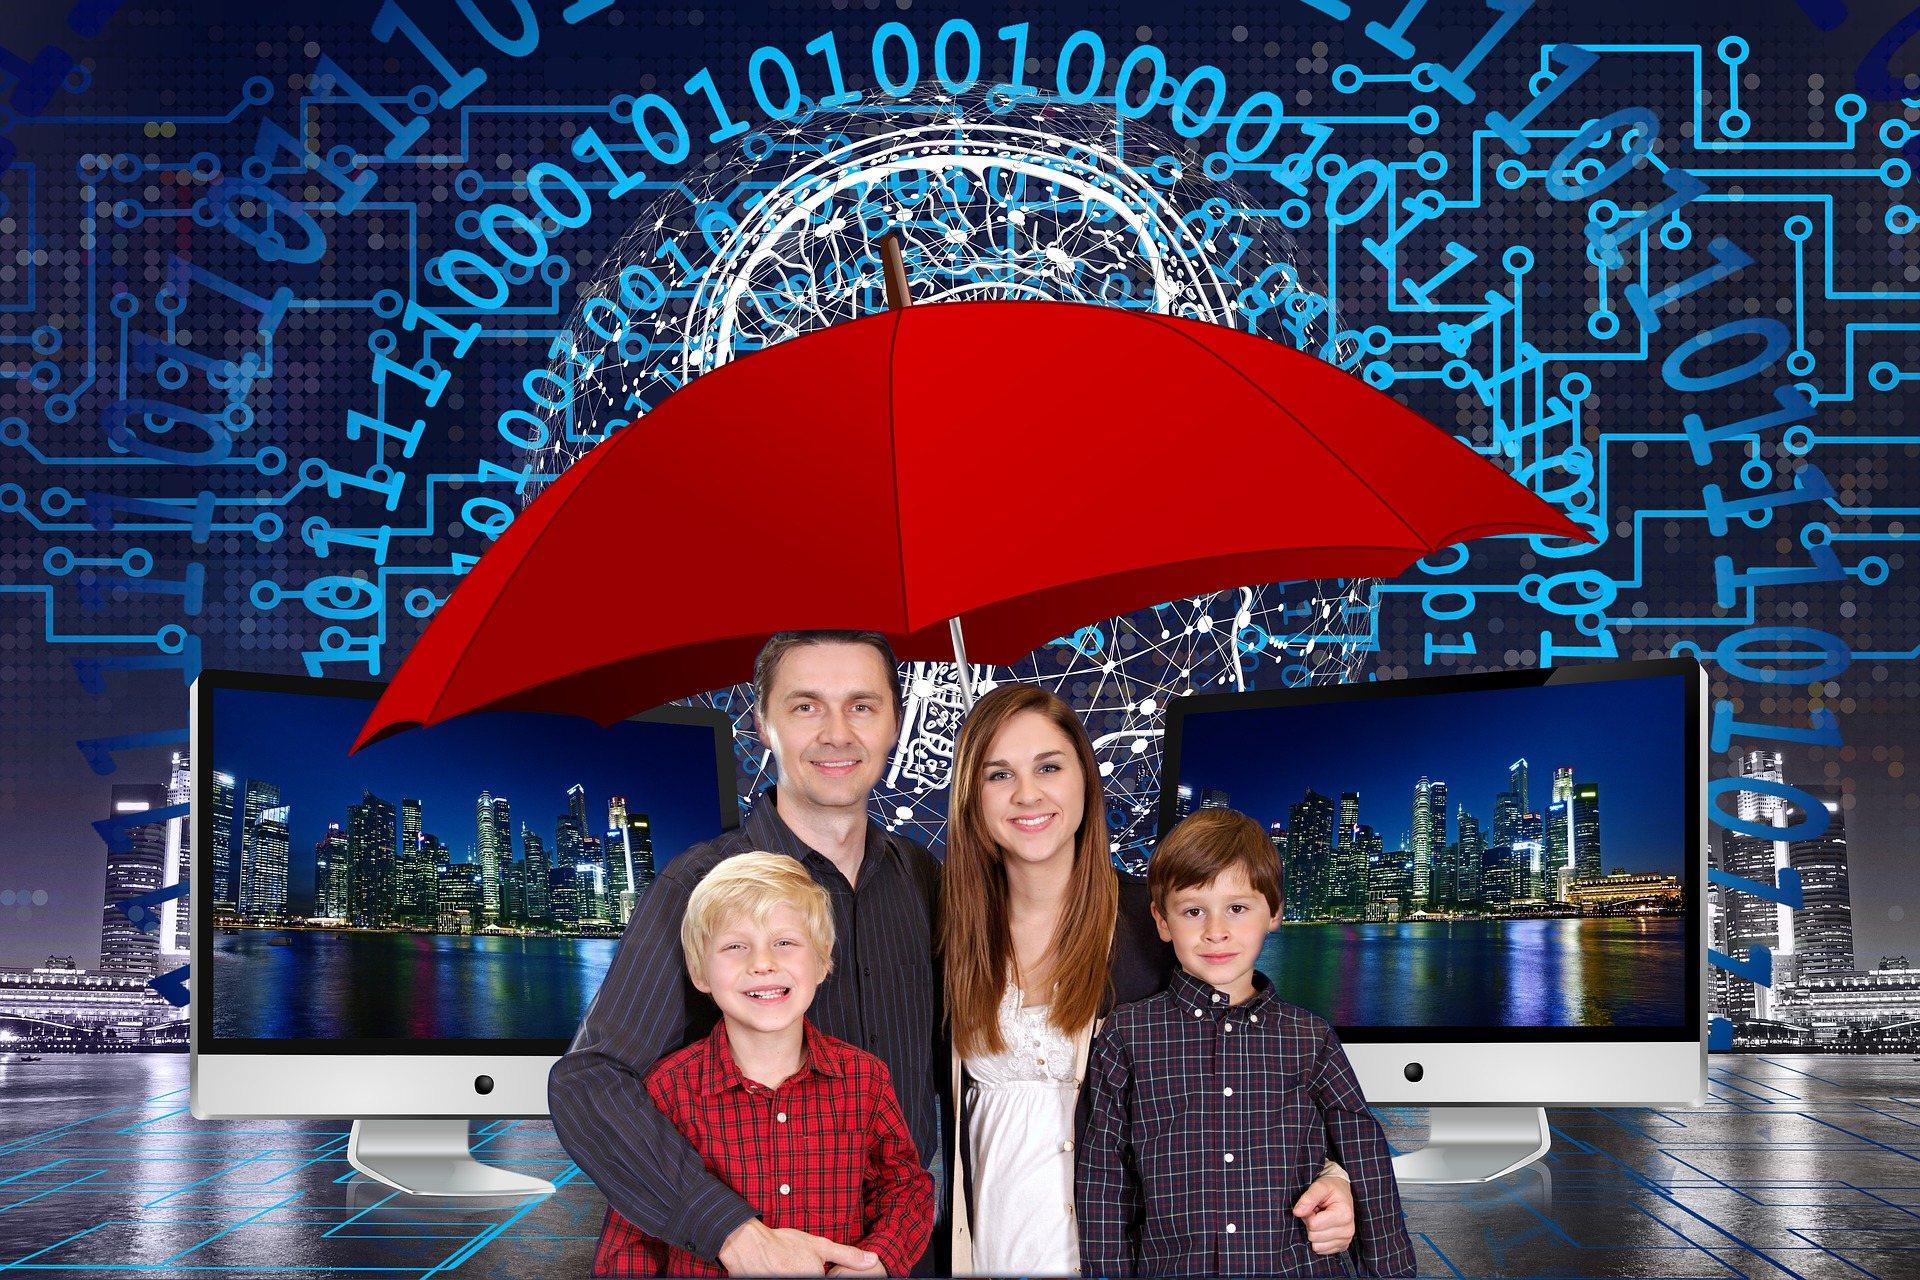 Siekiant padidinti paauglių saugumą internete svarbus pakankamas tėvų domėjimasis jų veikla internete ir taikomos priemonės